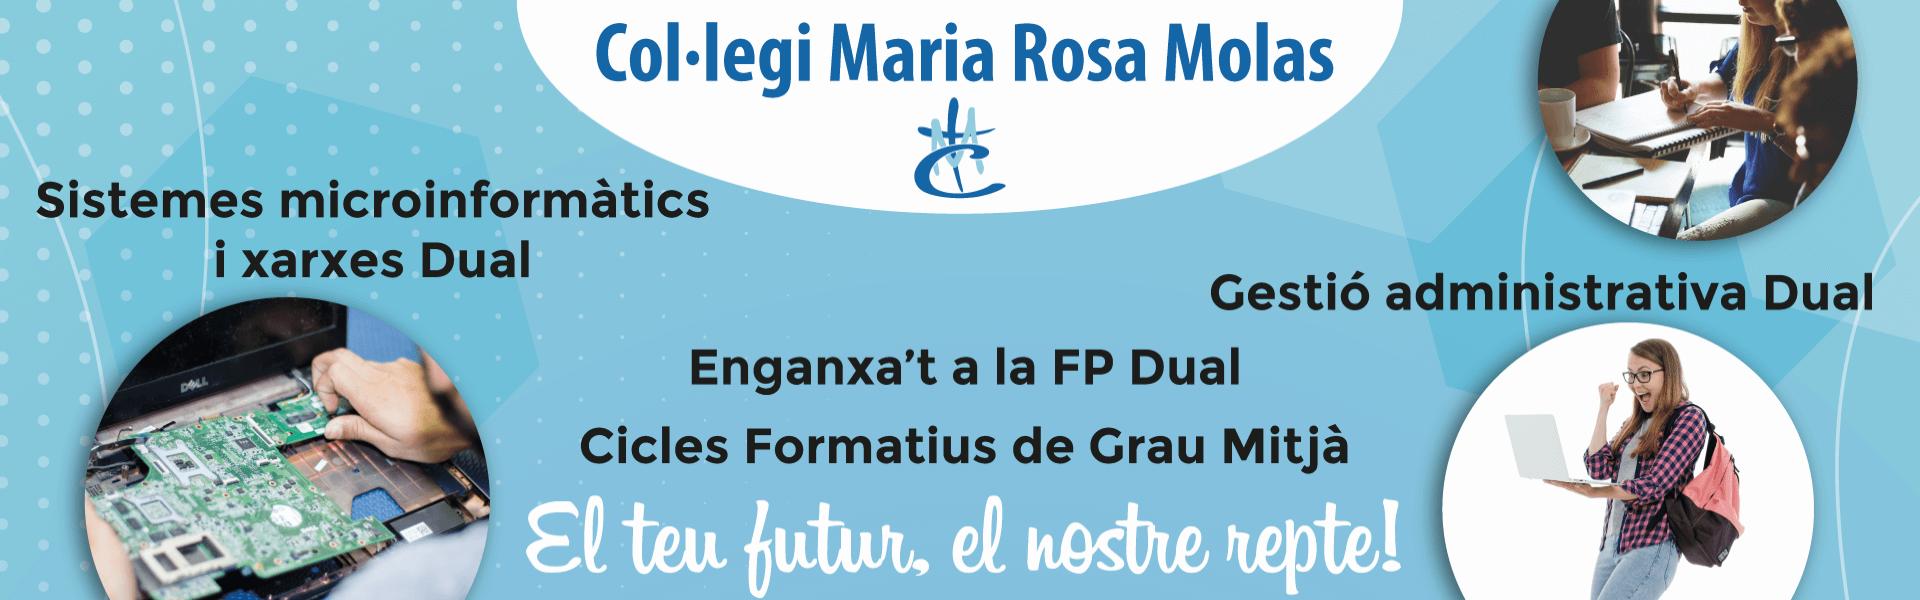 banner-fpdual-mariarosamolas